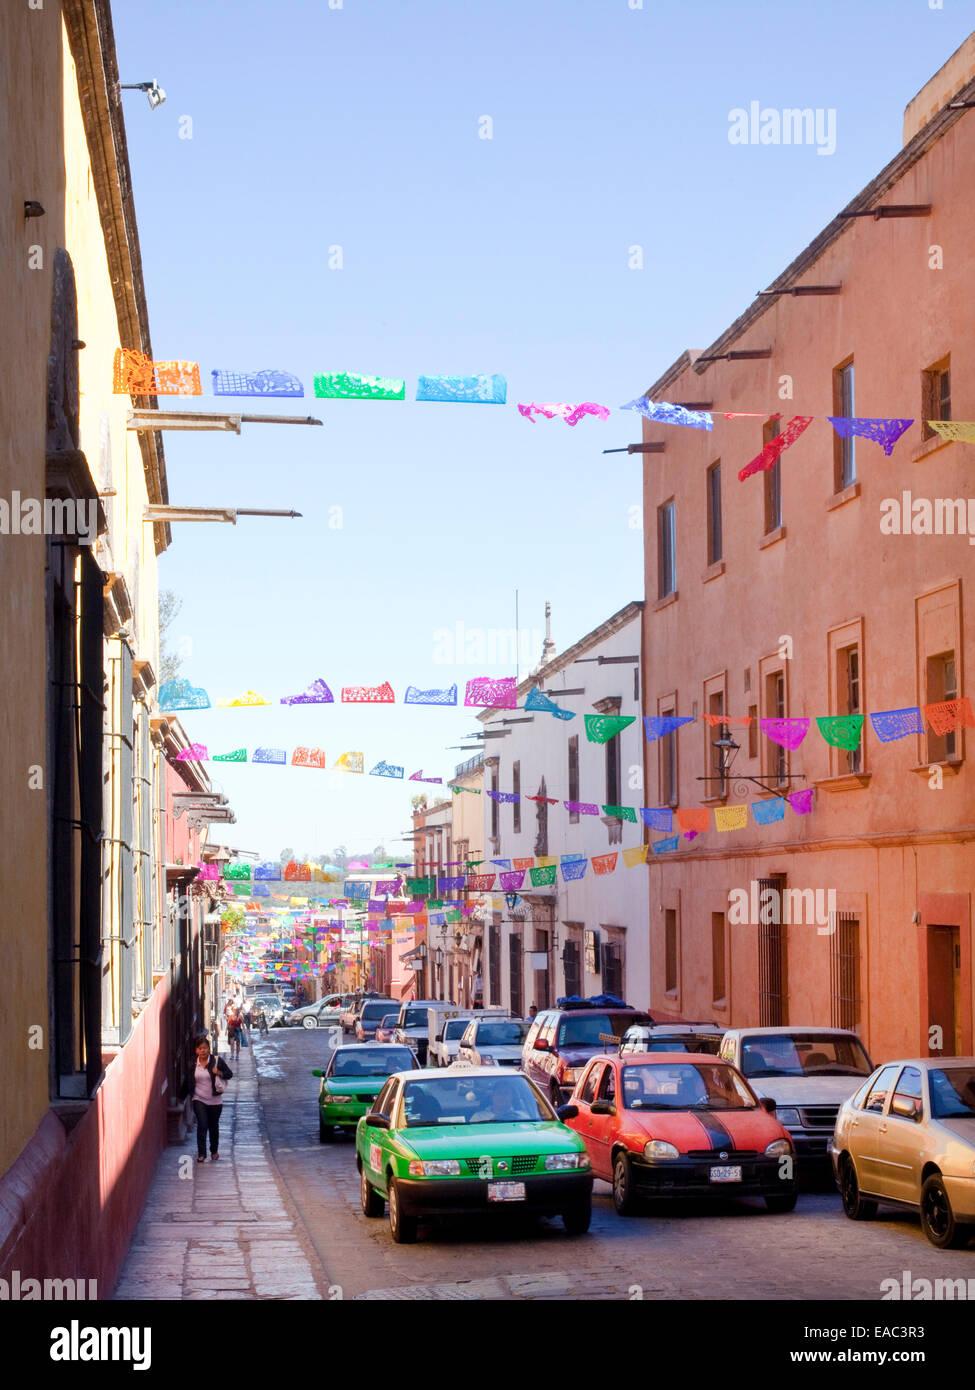 Carta decorativa Streamers su una strada messicana Immagini Stock